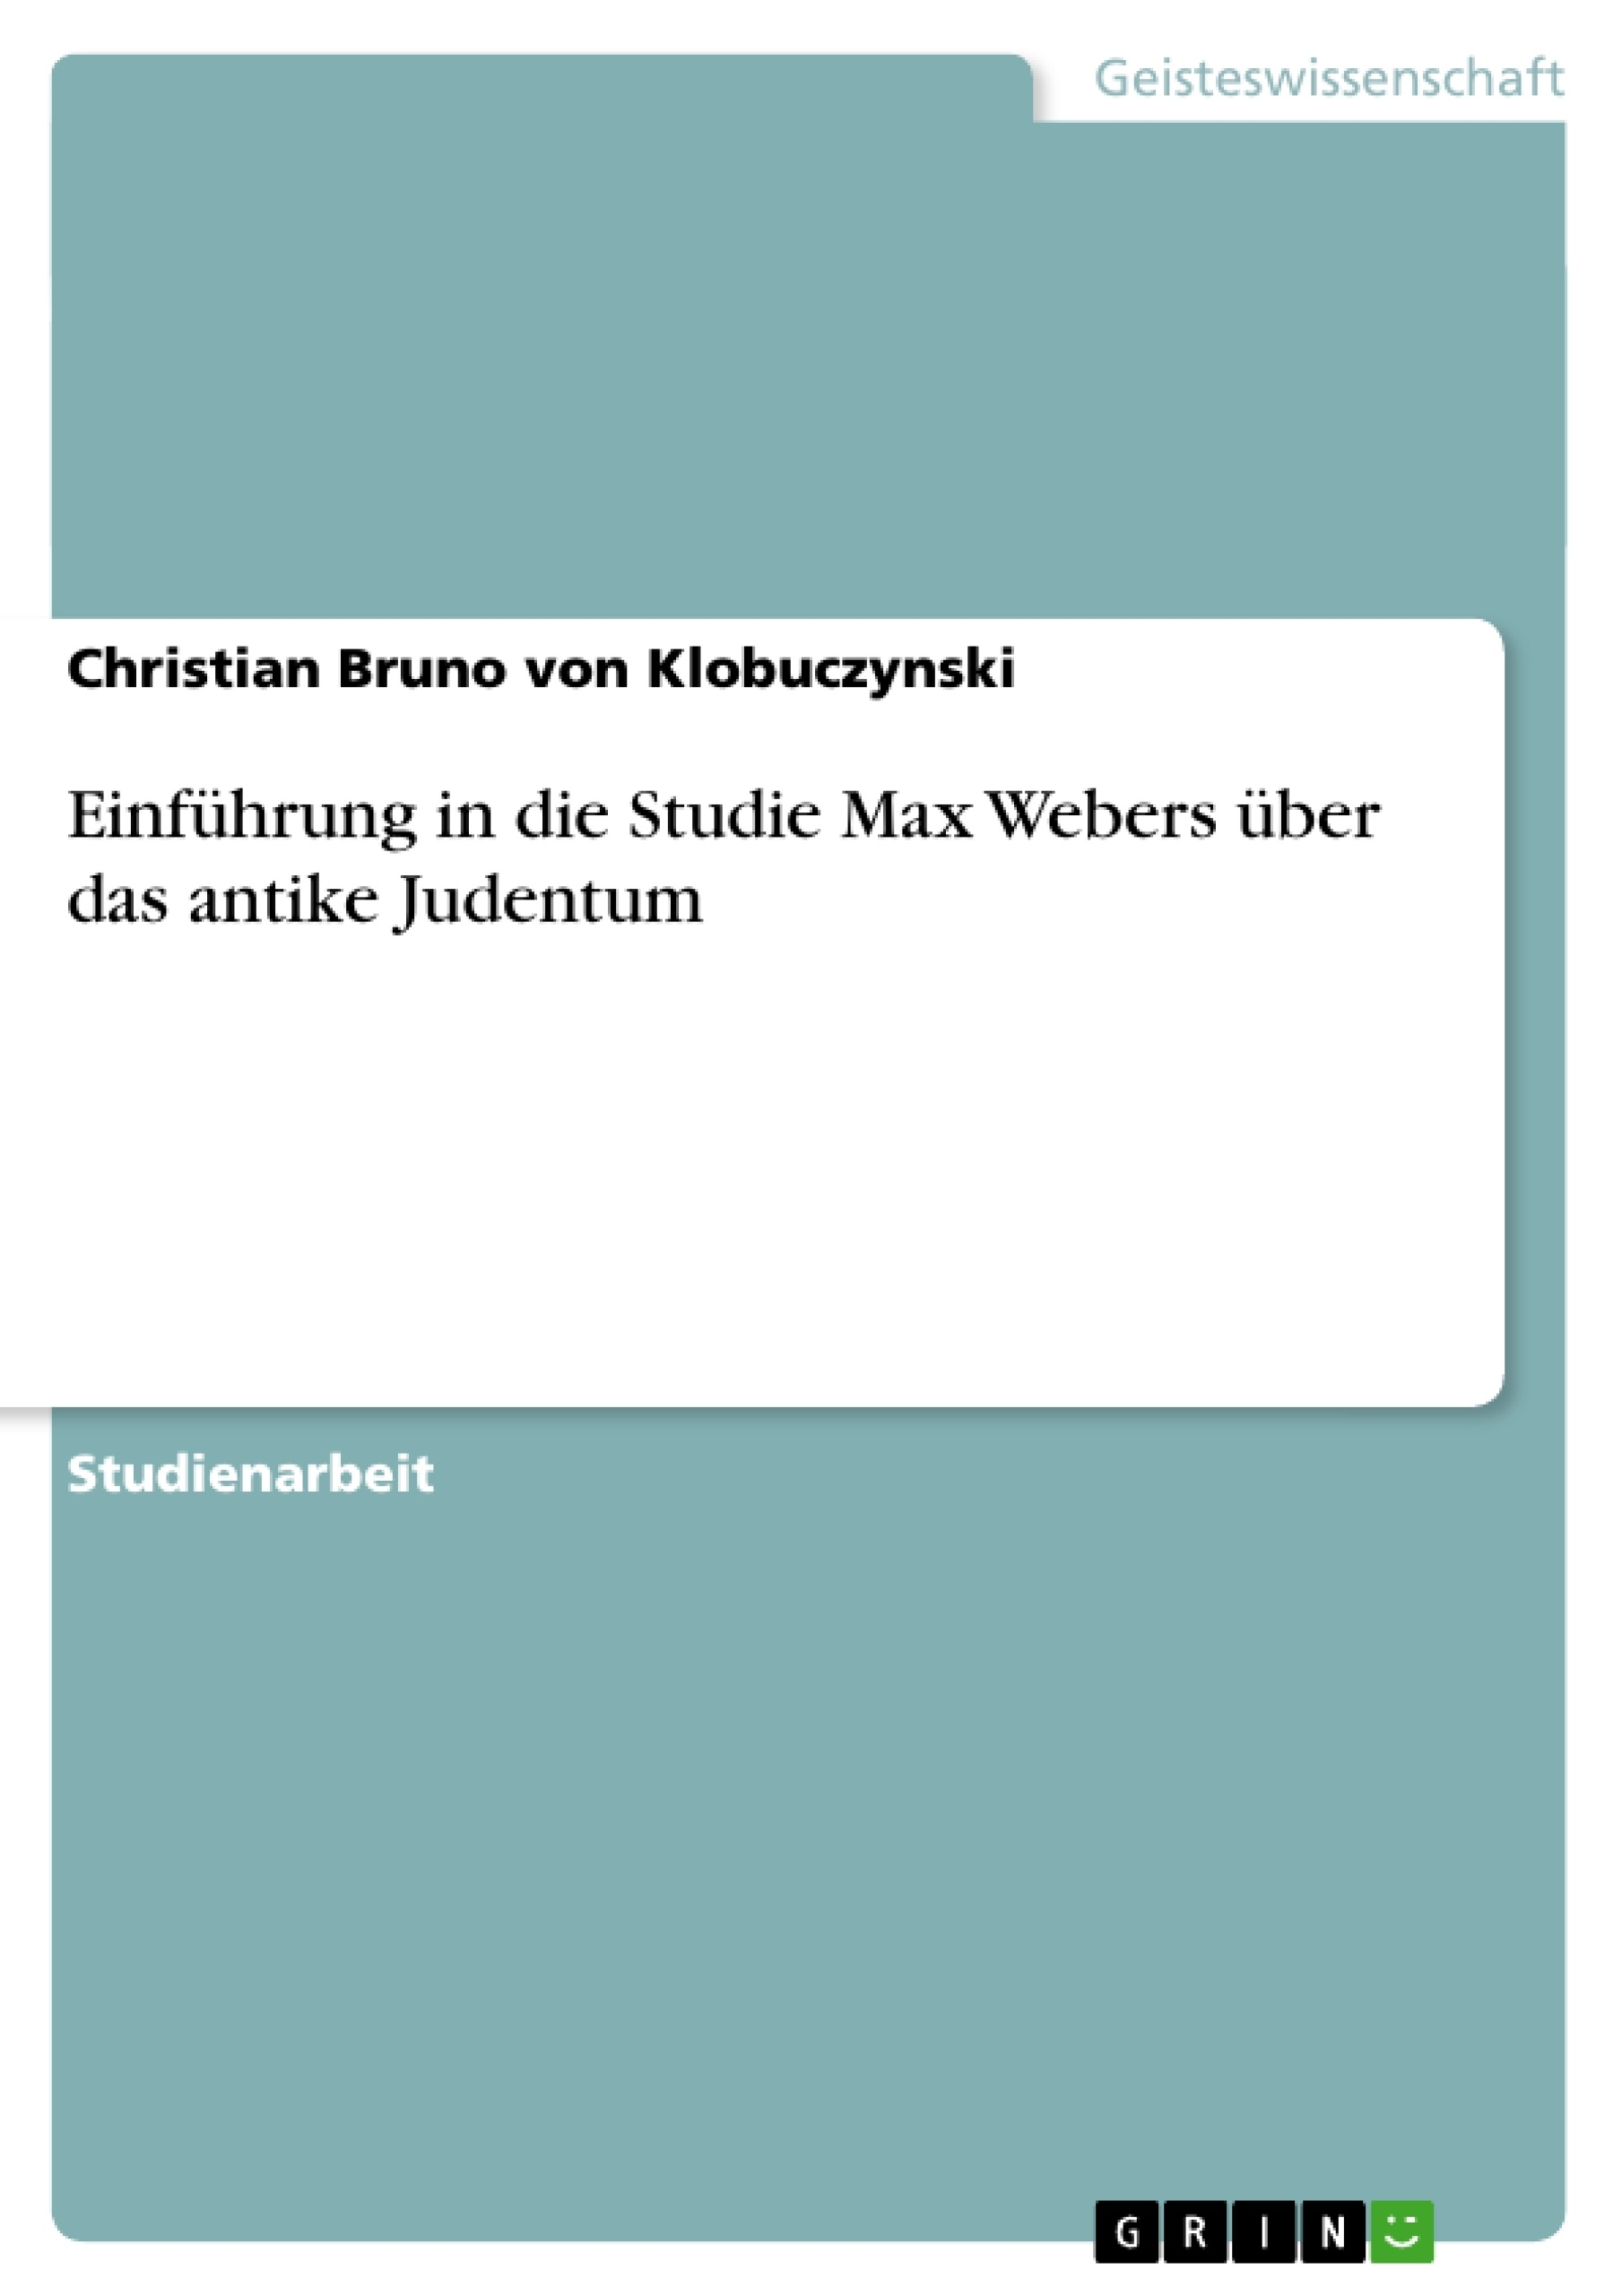 Titel: Einführung in die Studie Max Webers über das antike Judentum